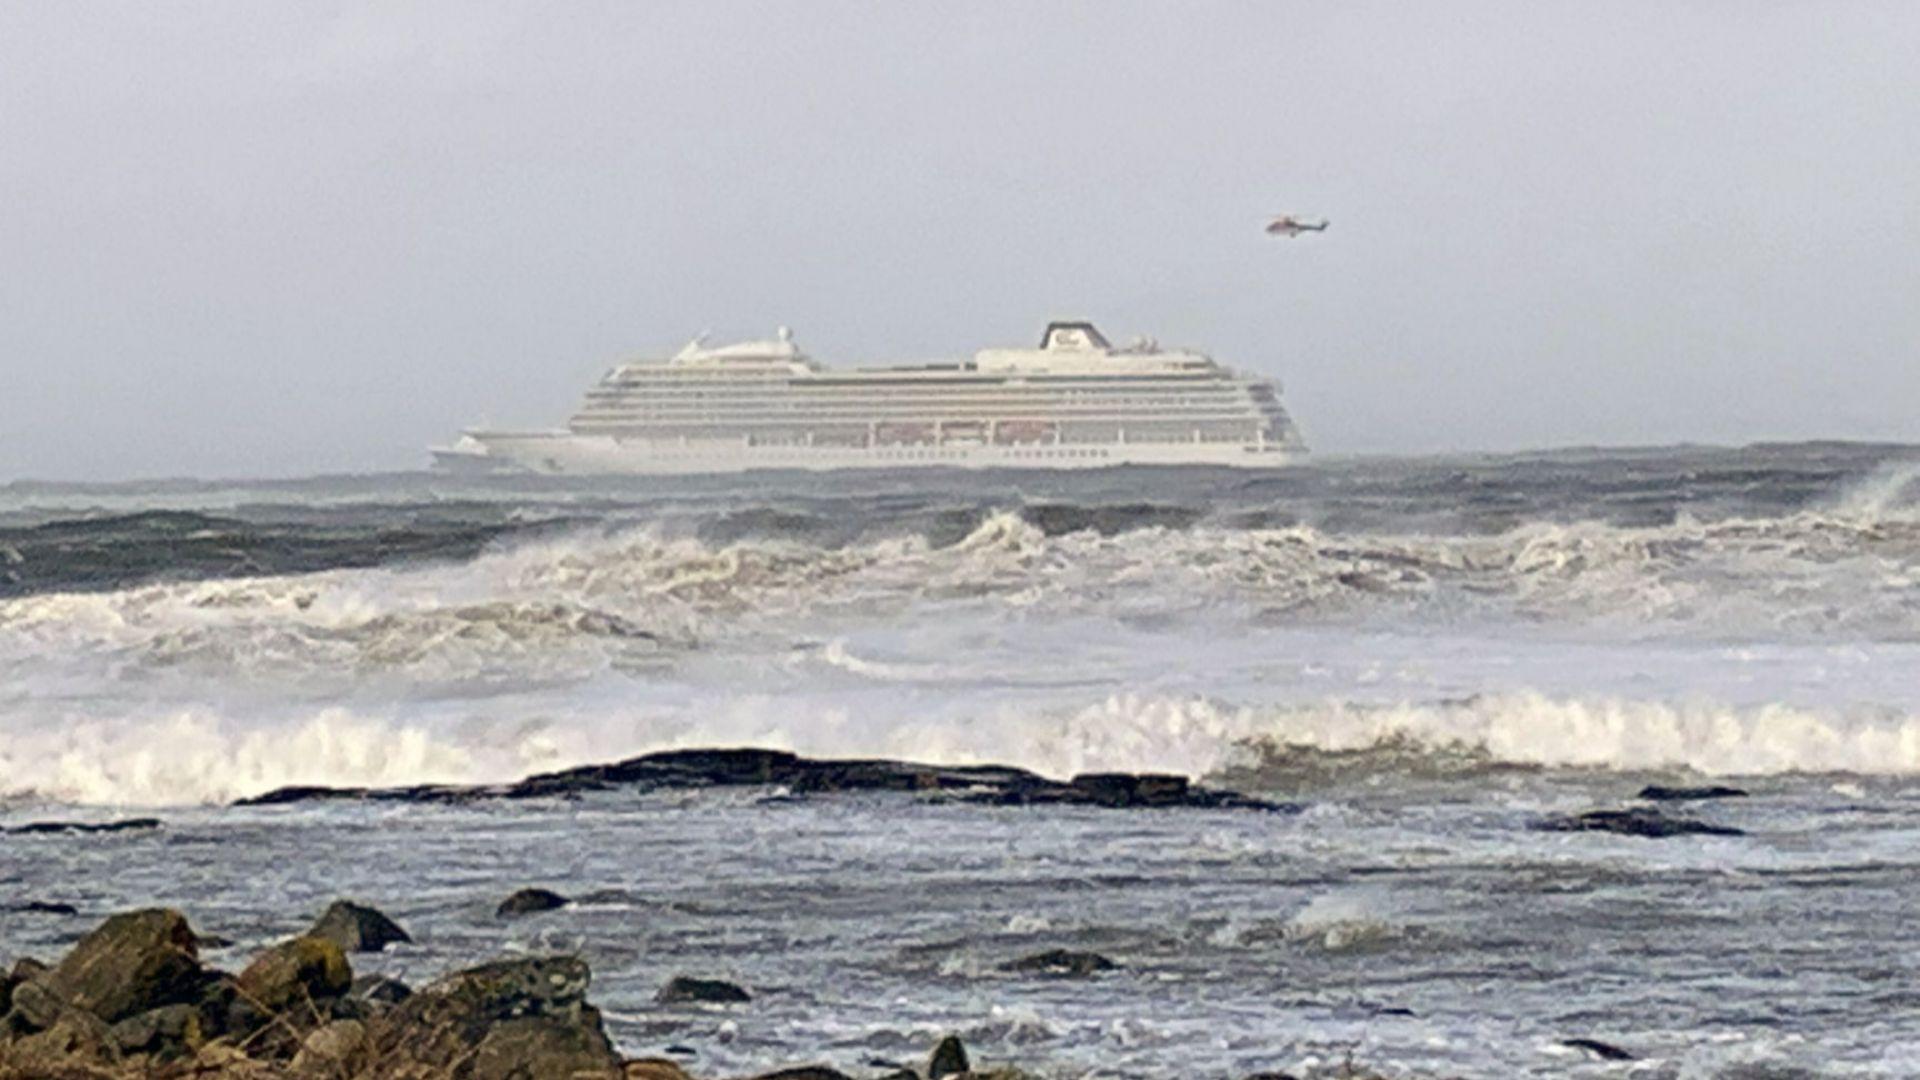 Спасителни хеликоптери евакуират хора от круизния кораб, претърпял повреда на